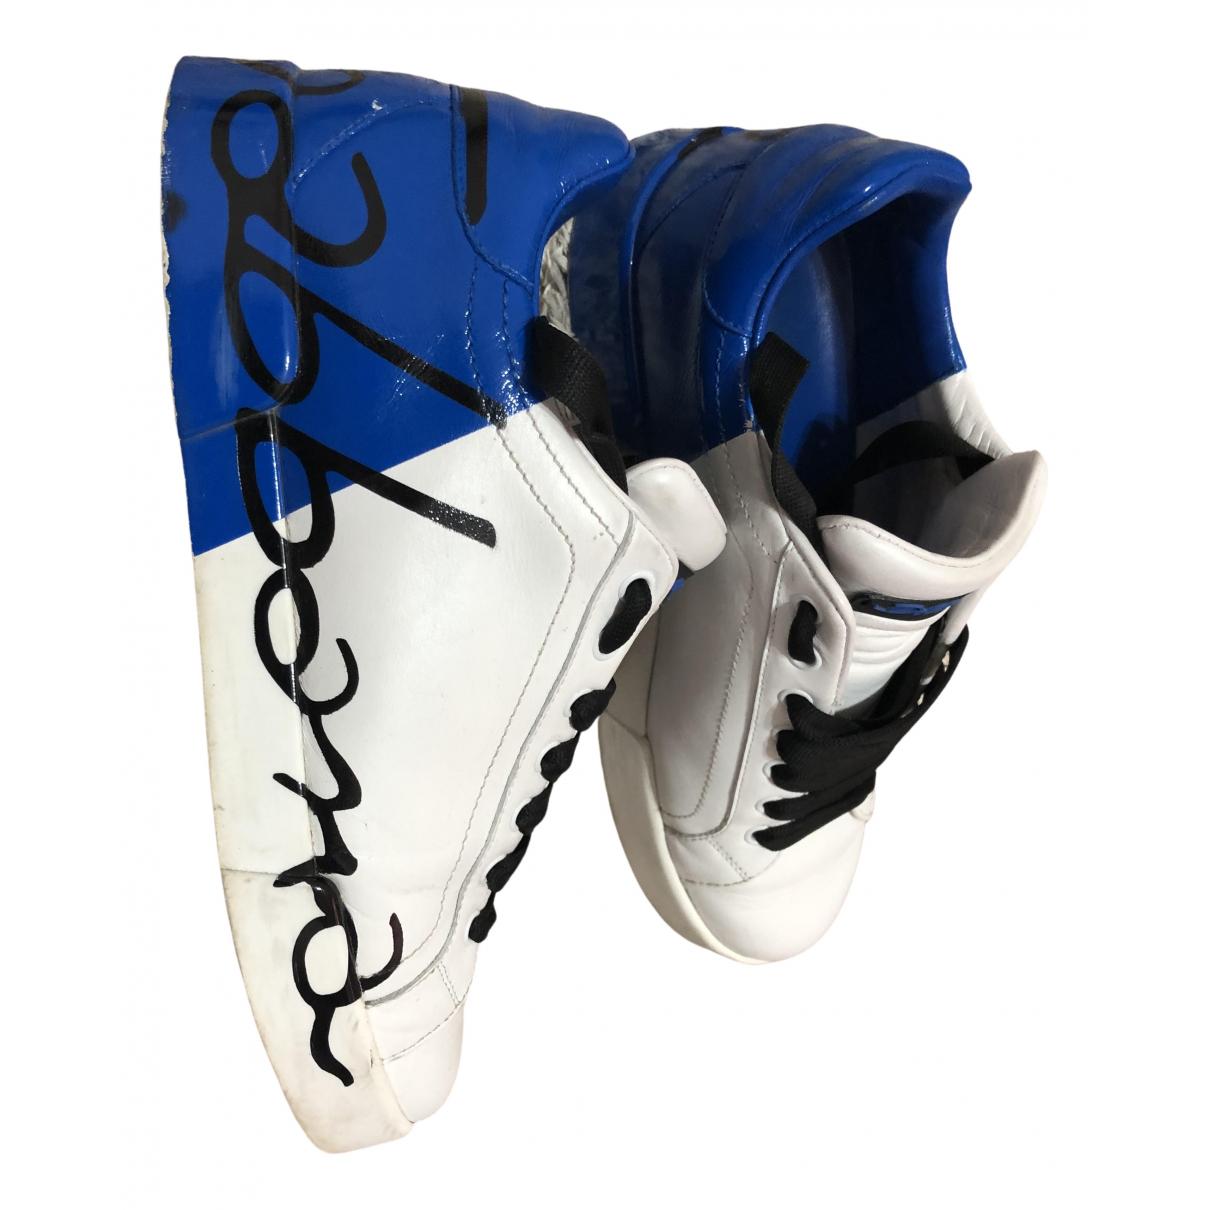 Dolce & Gabbana Portofino Blue Leather Trainers for Men 40.5 EU